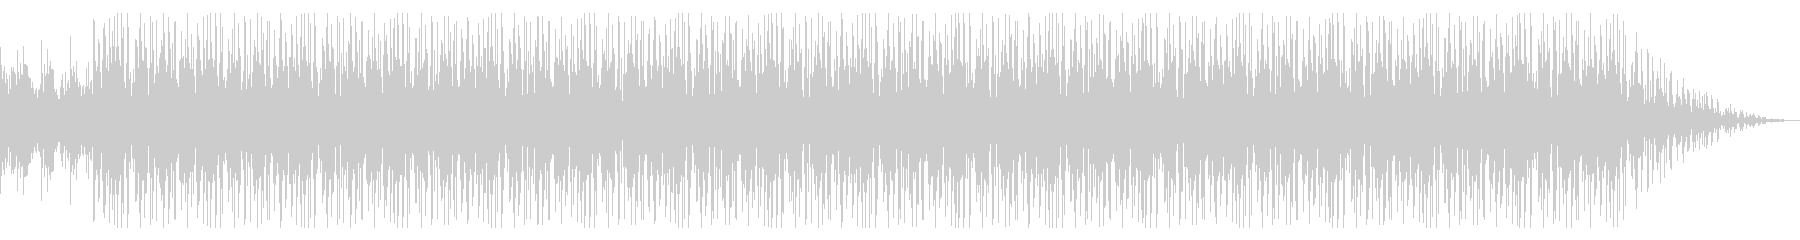 ピアノ主体でドリーミーな落ち着いた曲の未再生の波形